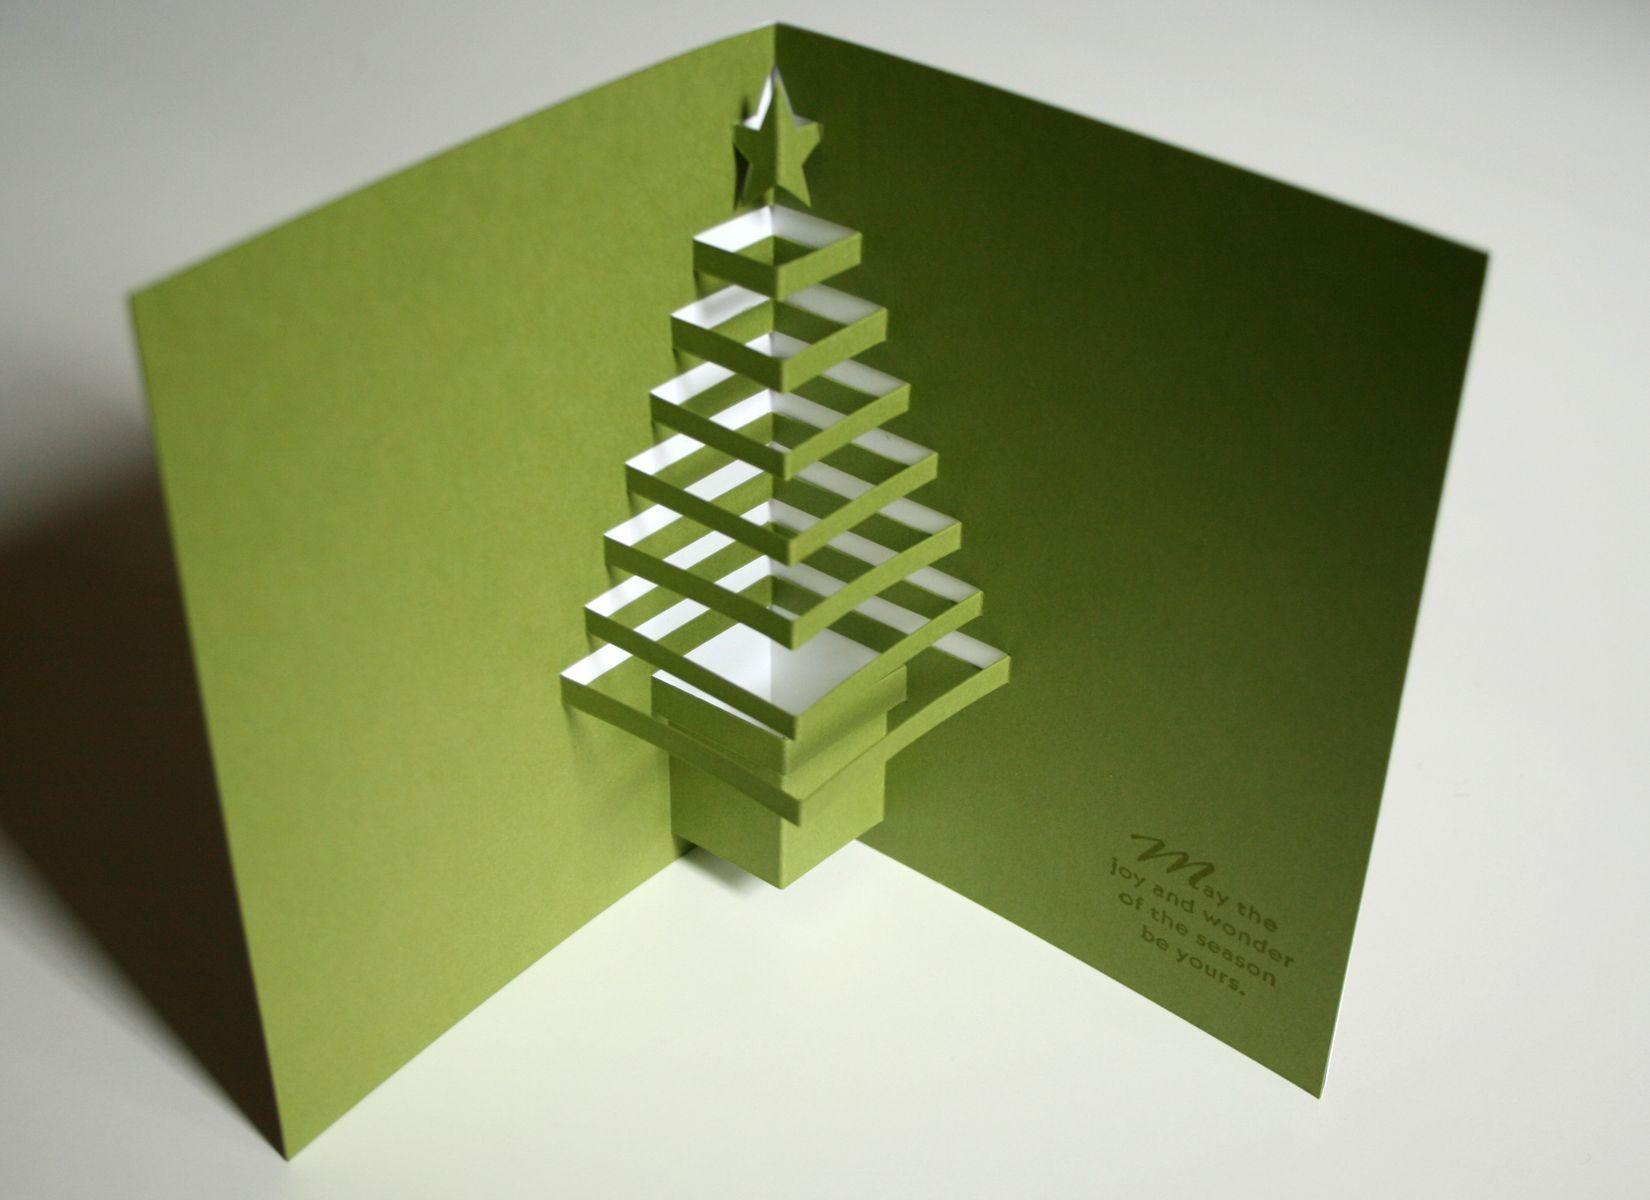 открытка с елкой внутри своими руками фото этот